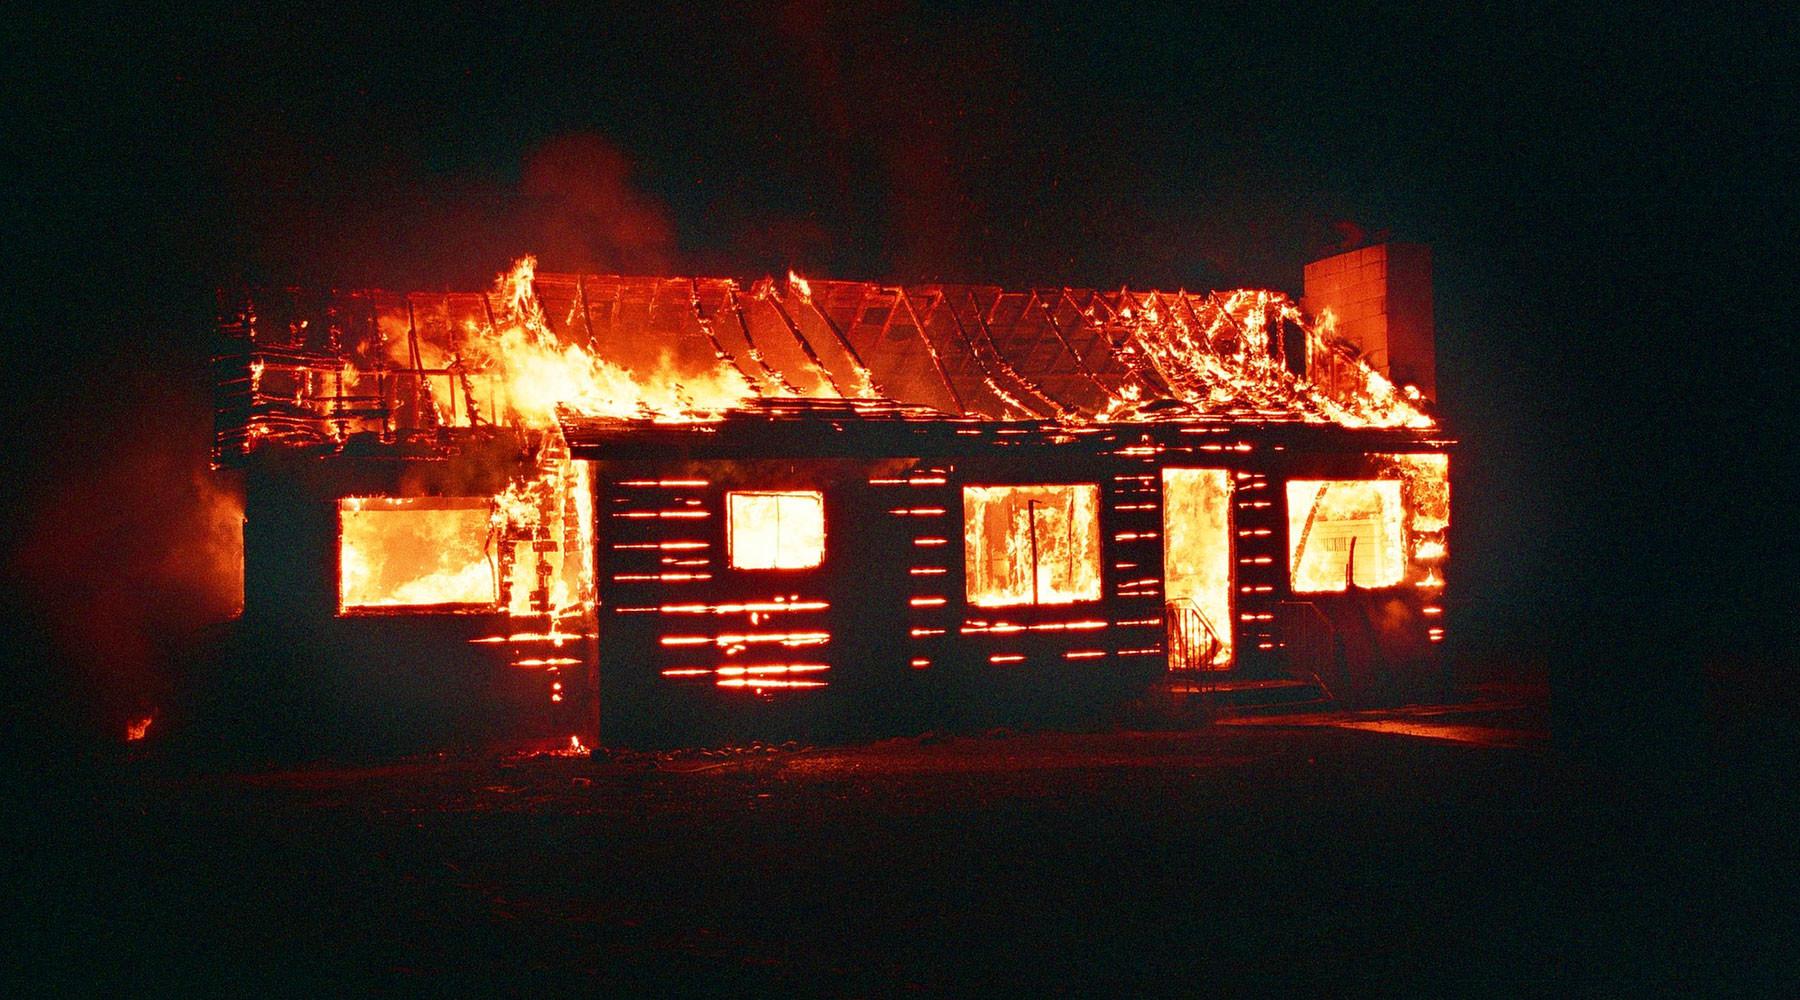 МВД проверяет информацию о поджоге дома «ведьмы»»